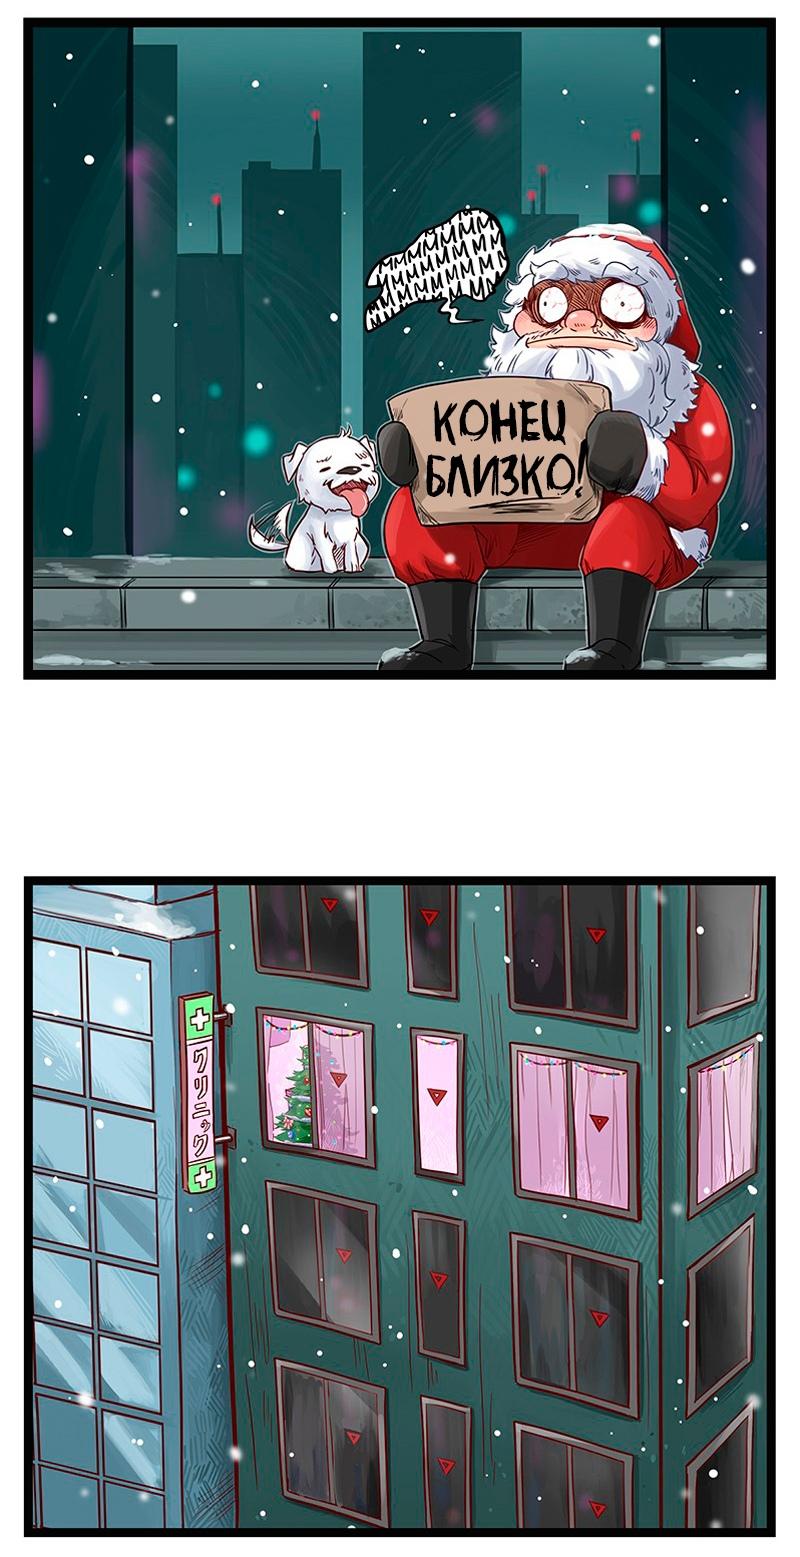 Клиника кошмаров - Бонус 3: С Рождеством!. Фрейм 1